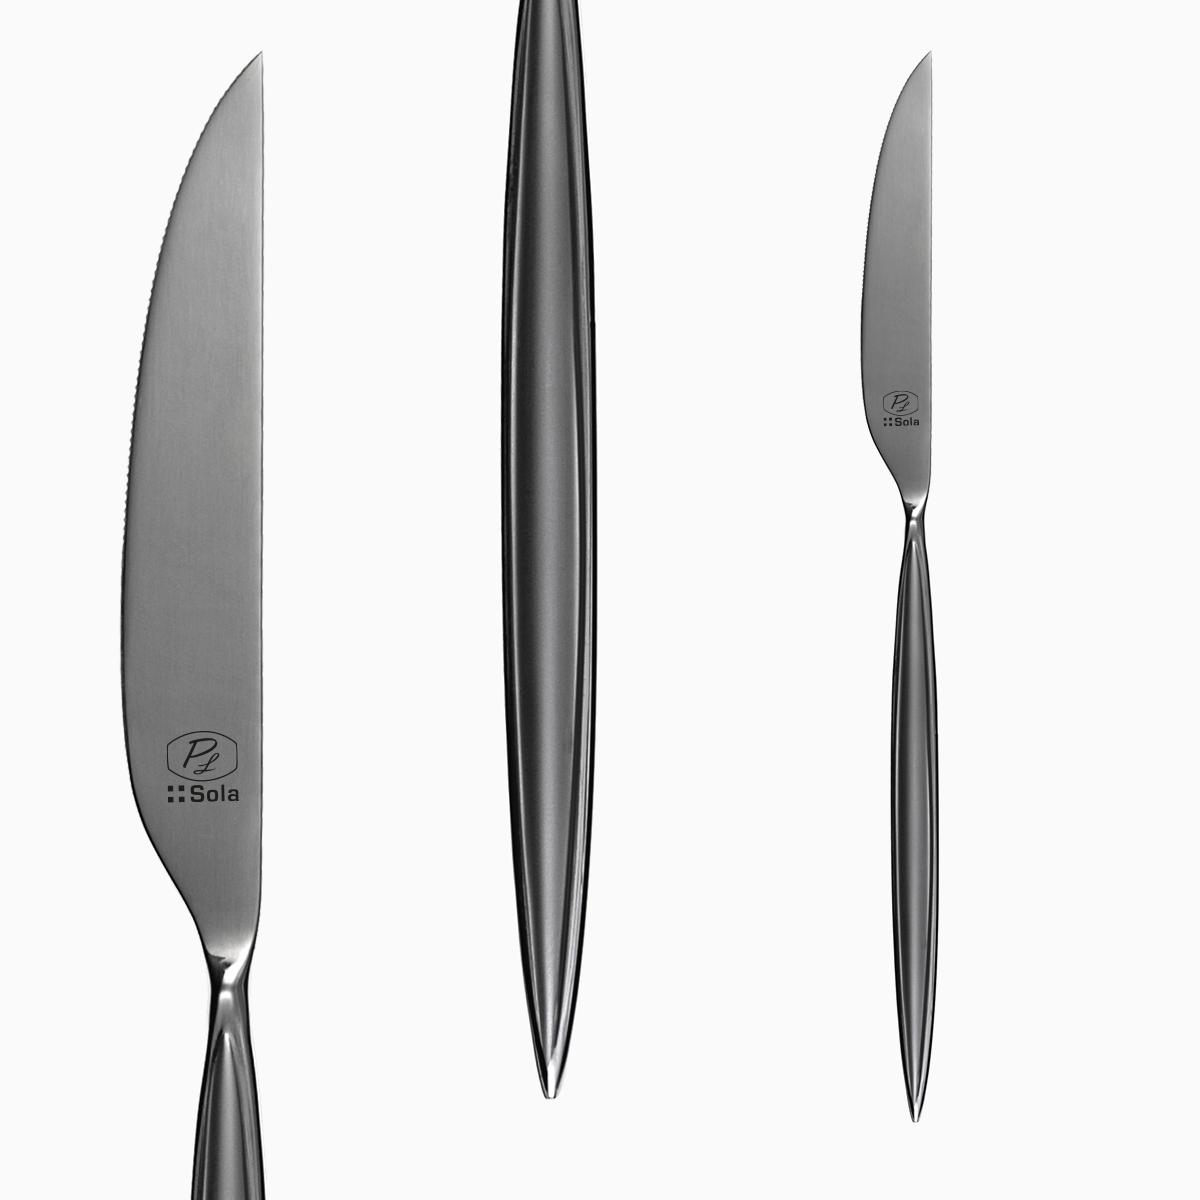 Table knife - Montevideo sandblast